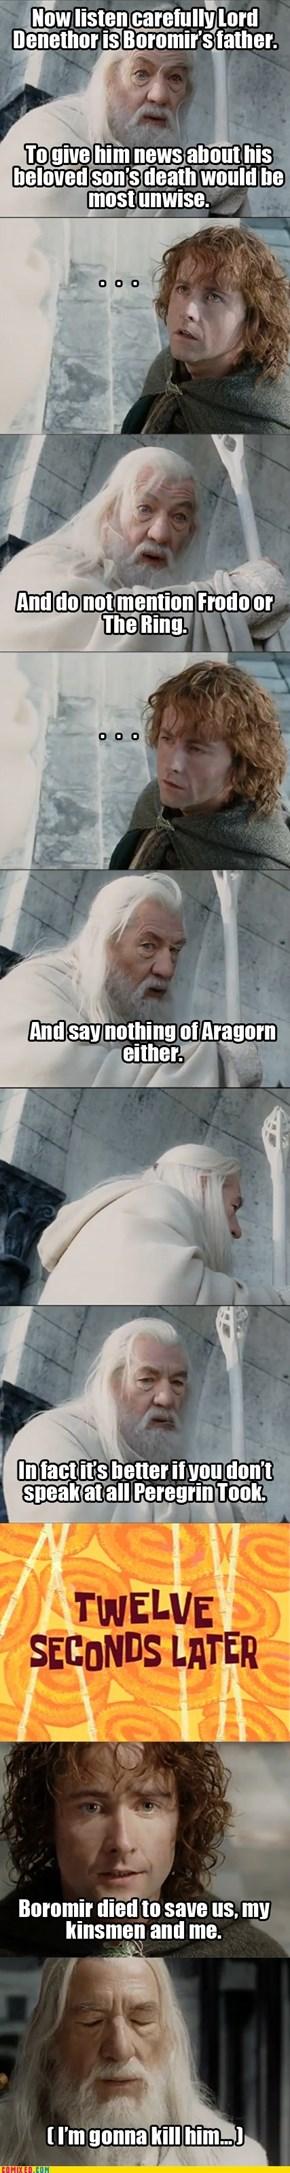 U Mad Gandalf?